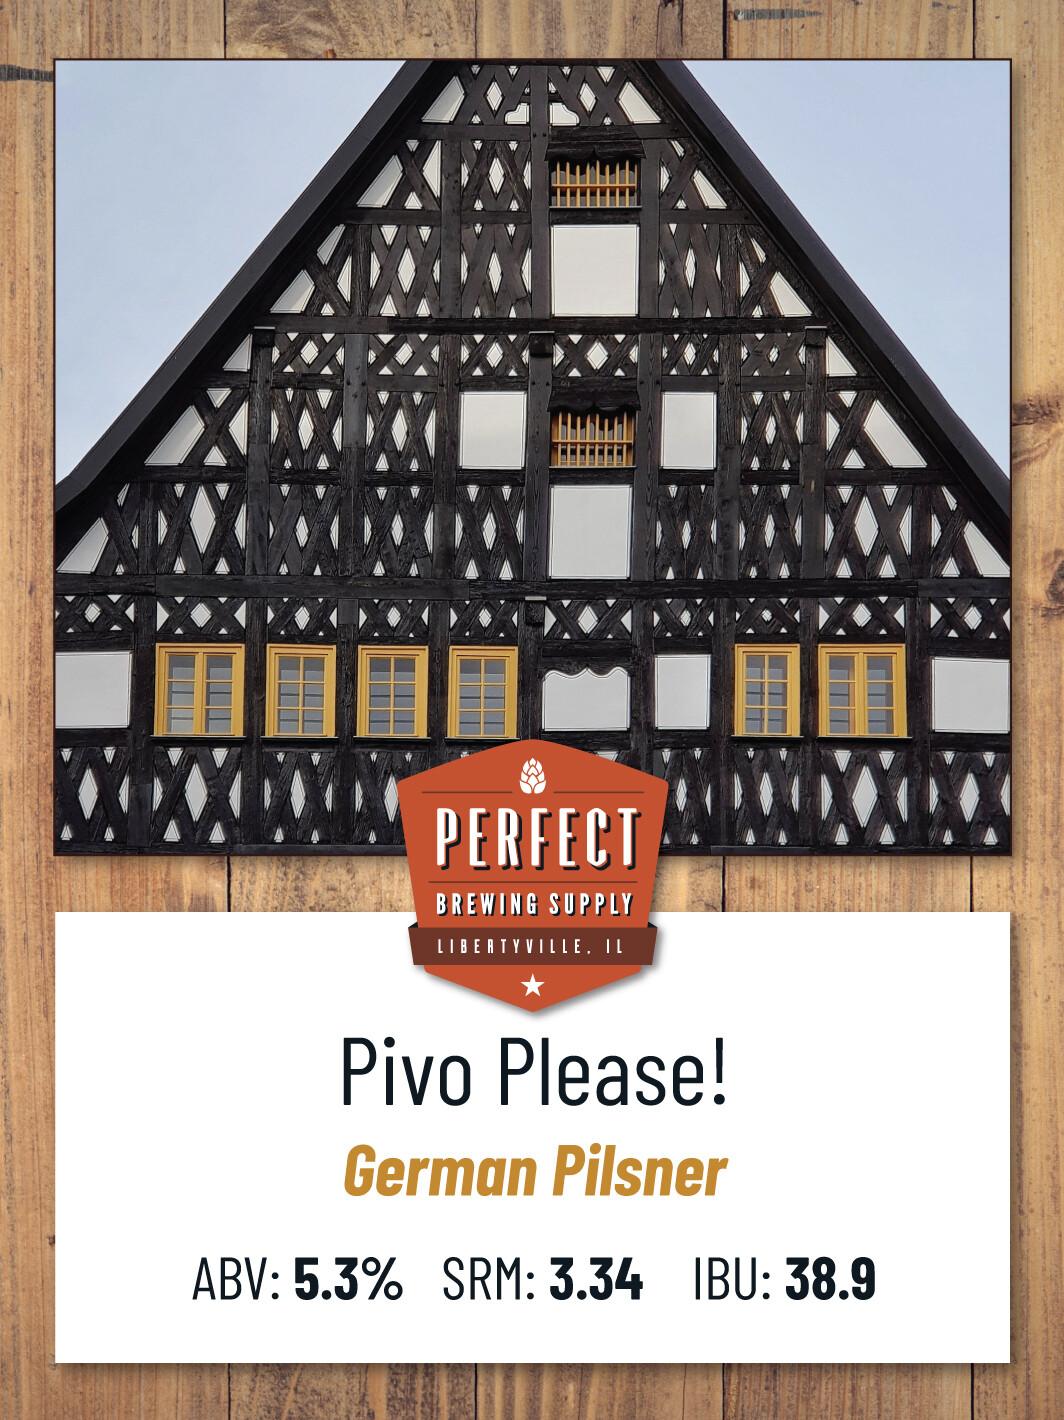 Pivo Please! - PBS Kit